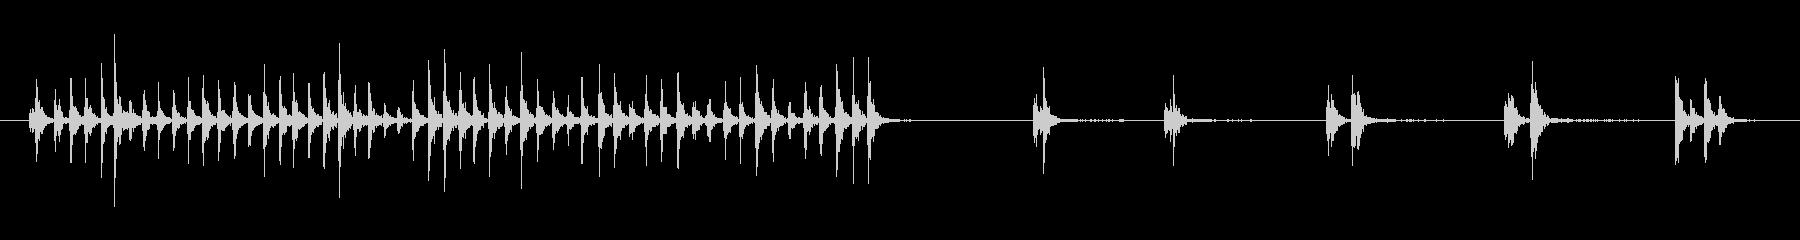 フィンガー、ドラミング、ウッド、フ...の未再生の波形